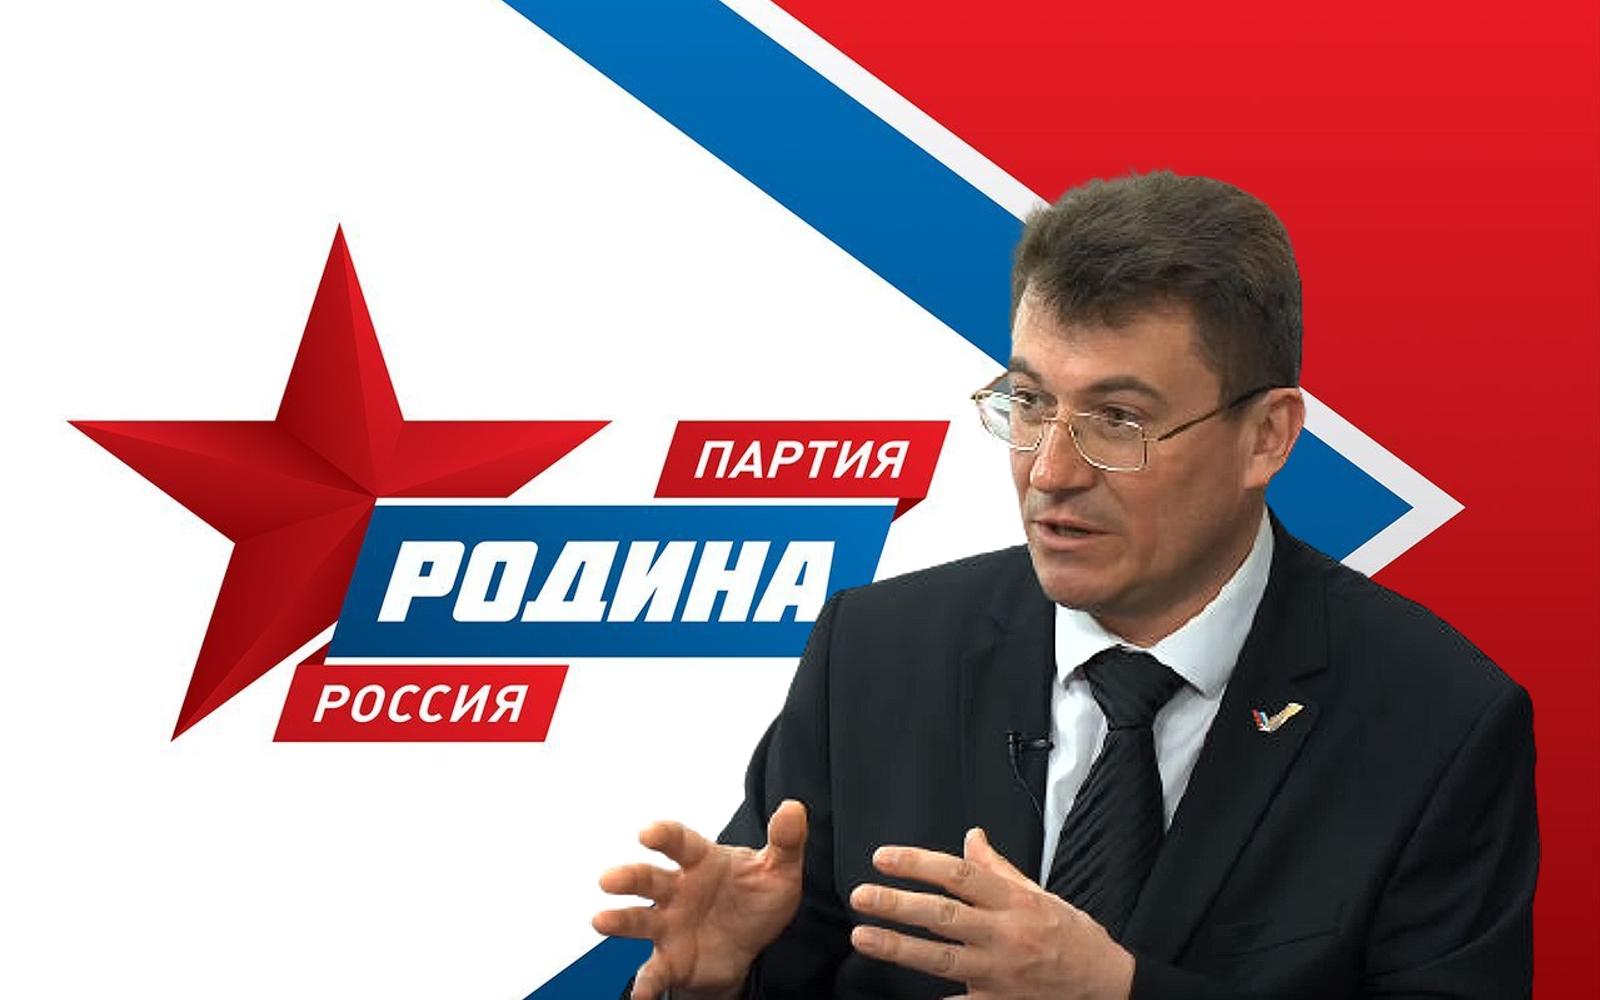 Лидер севастопольской «РОДИНЫ» назвал застройку Форосского парка — «варварством, ради сиюминутной коммерческой выгоды»